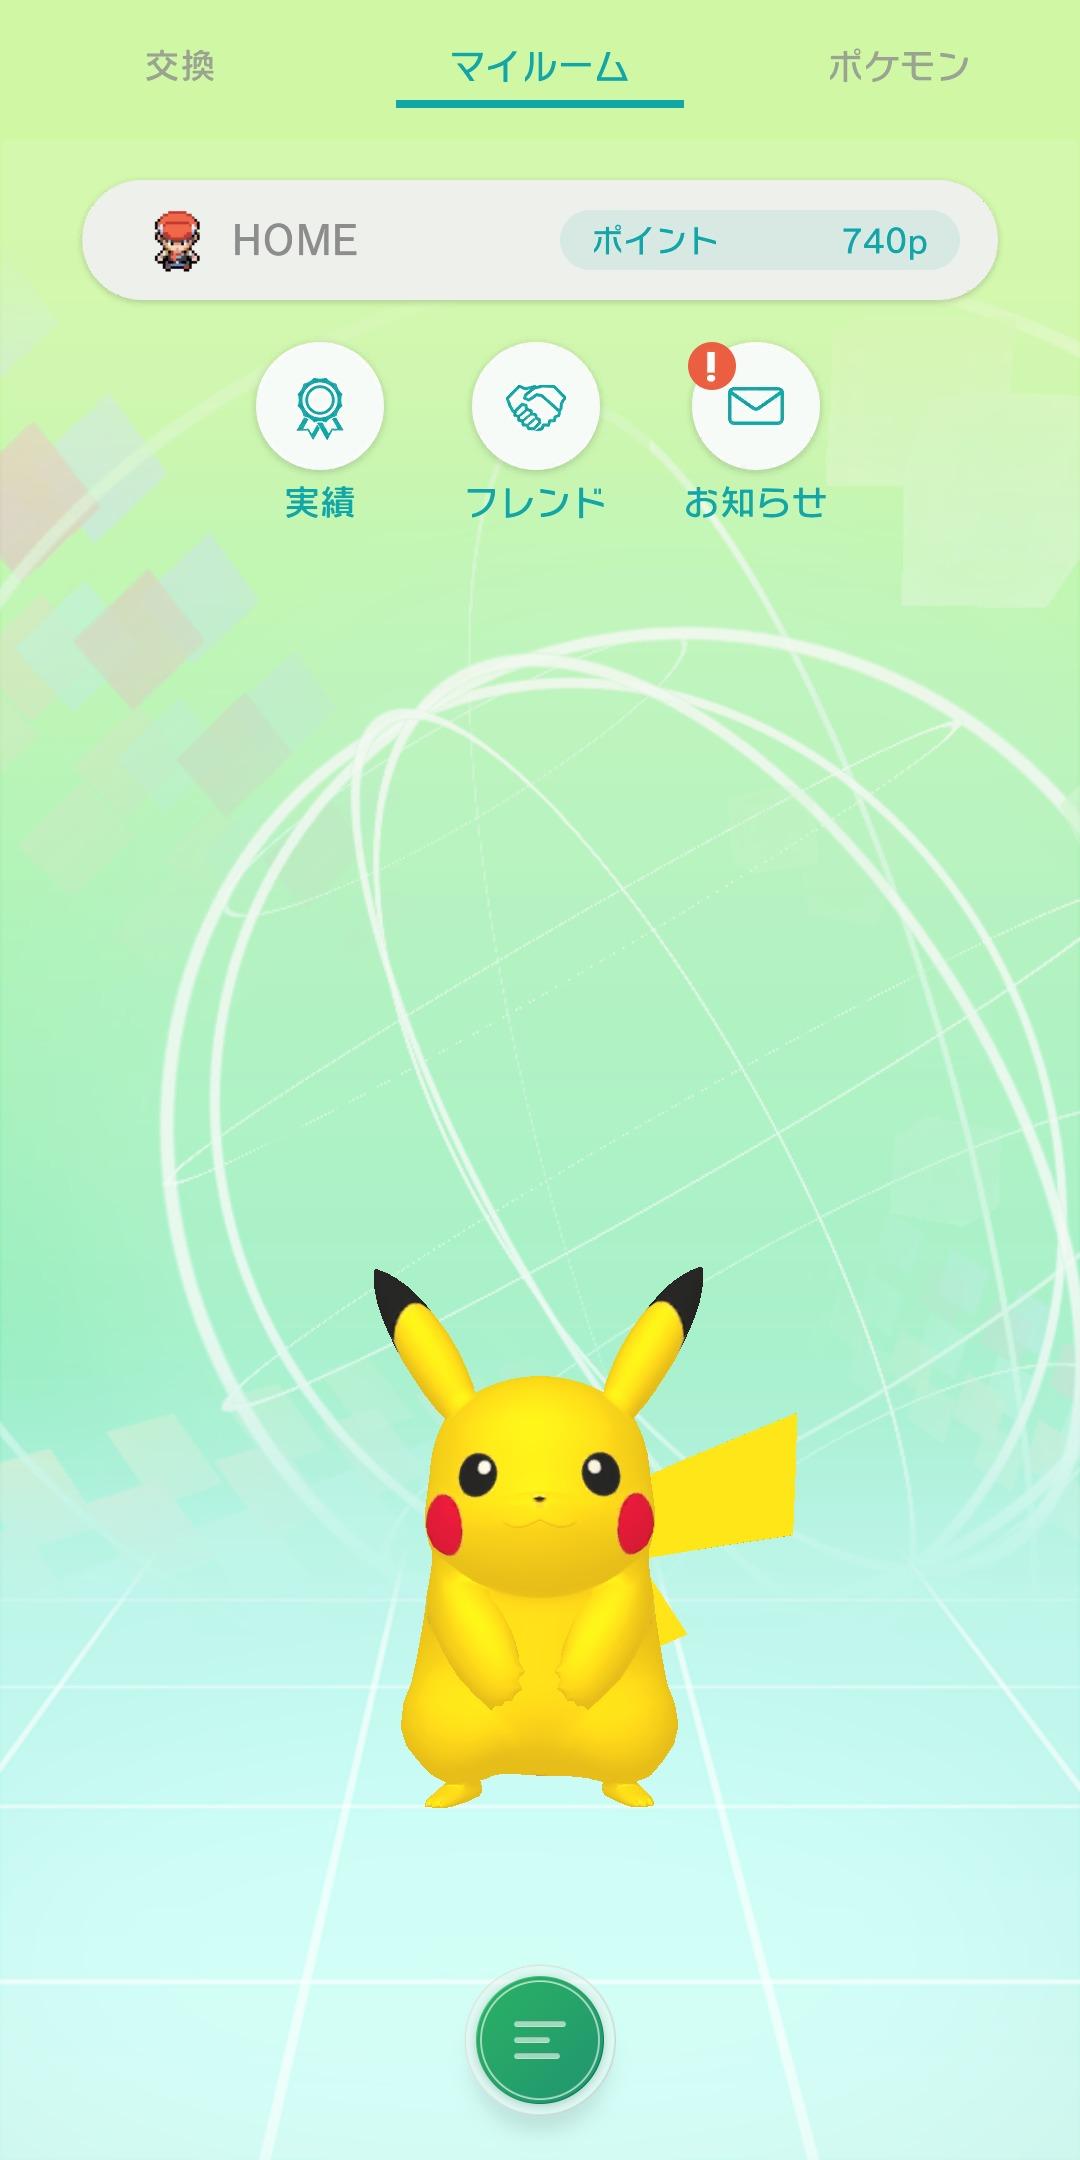 マイルーム (C)2020 Pokémon. (C)1995-2020 Nintendo/Creatures Inc. /GAME FREAK inc.